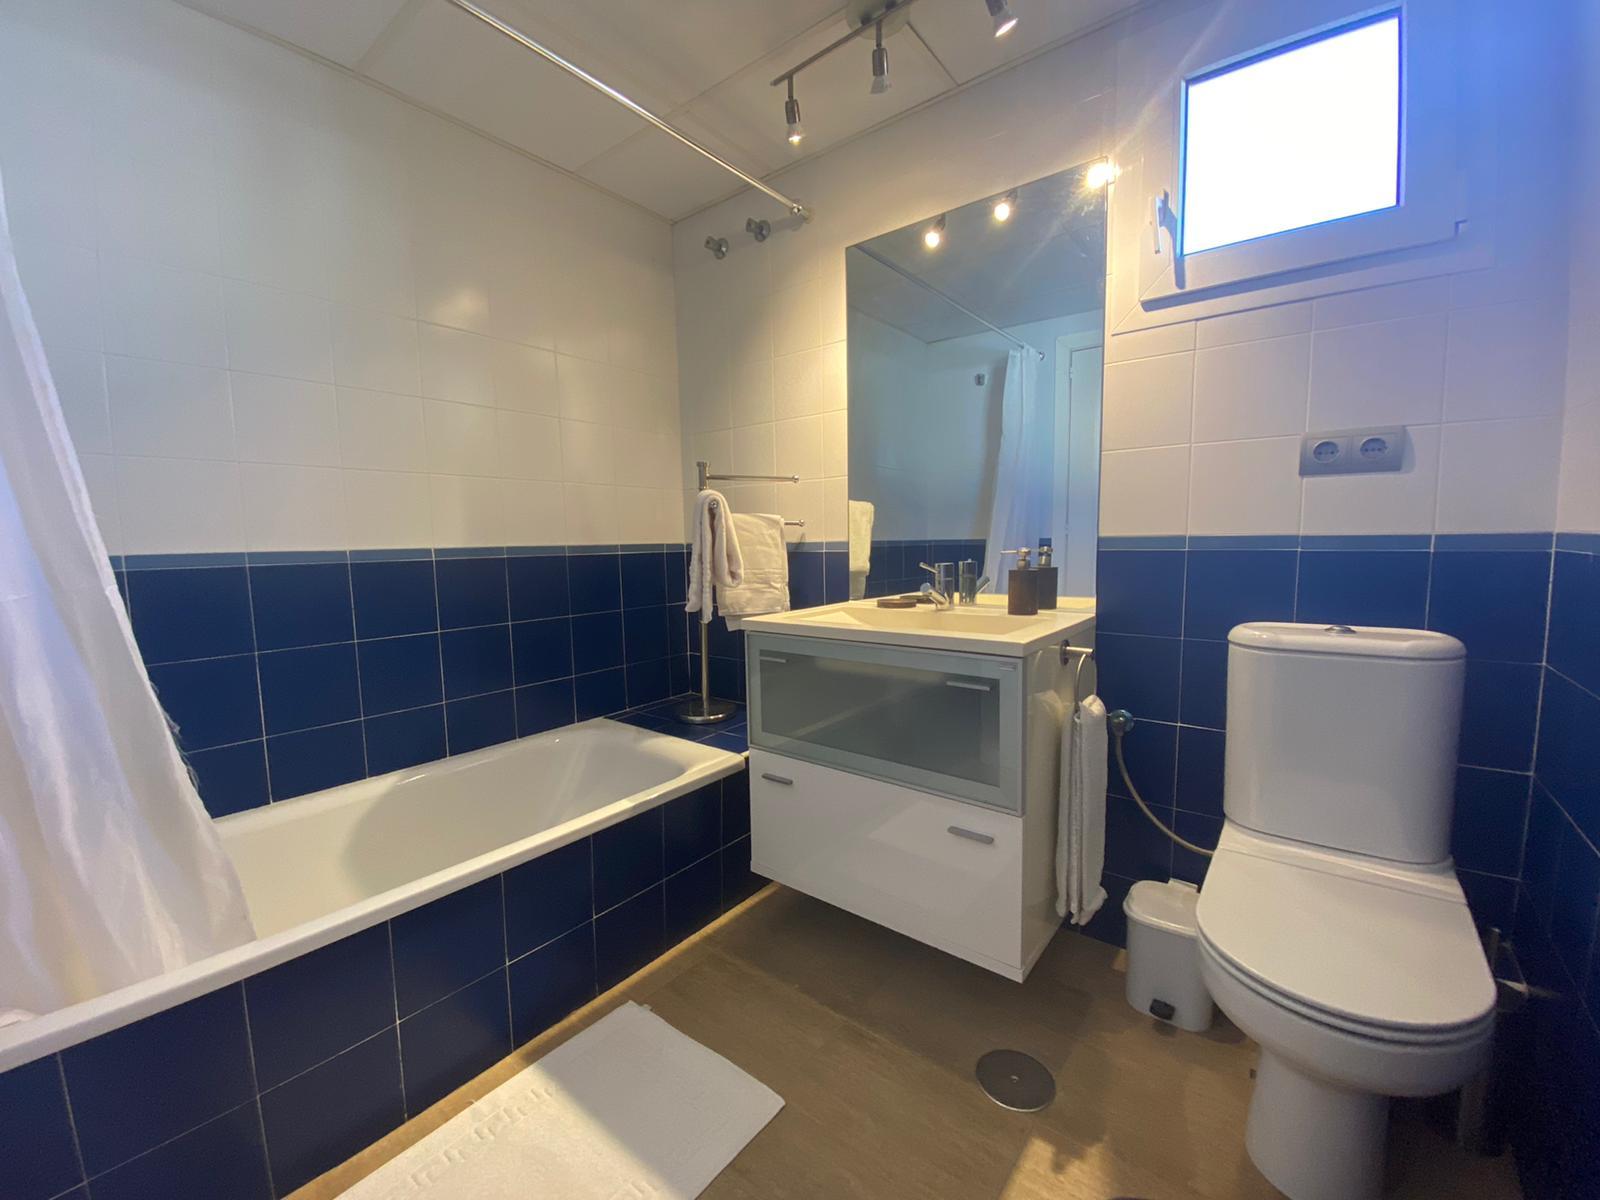 Imagen 47 del Apartamento Turístico, Ático 1 Levante (3d+2b), Punta del Moral (HUELVA), Paseo de la Cruz nº22